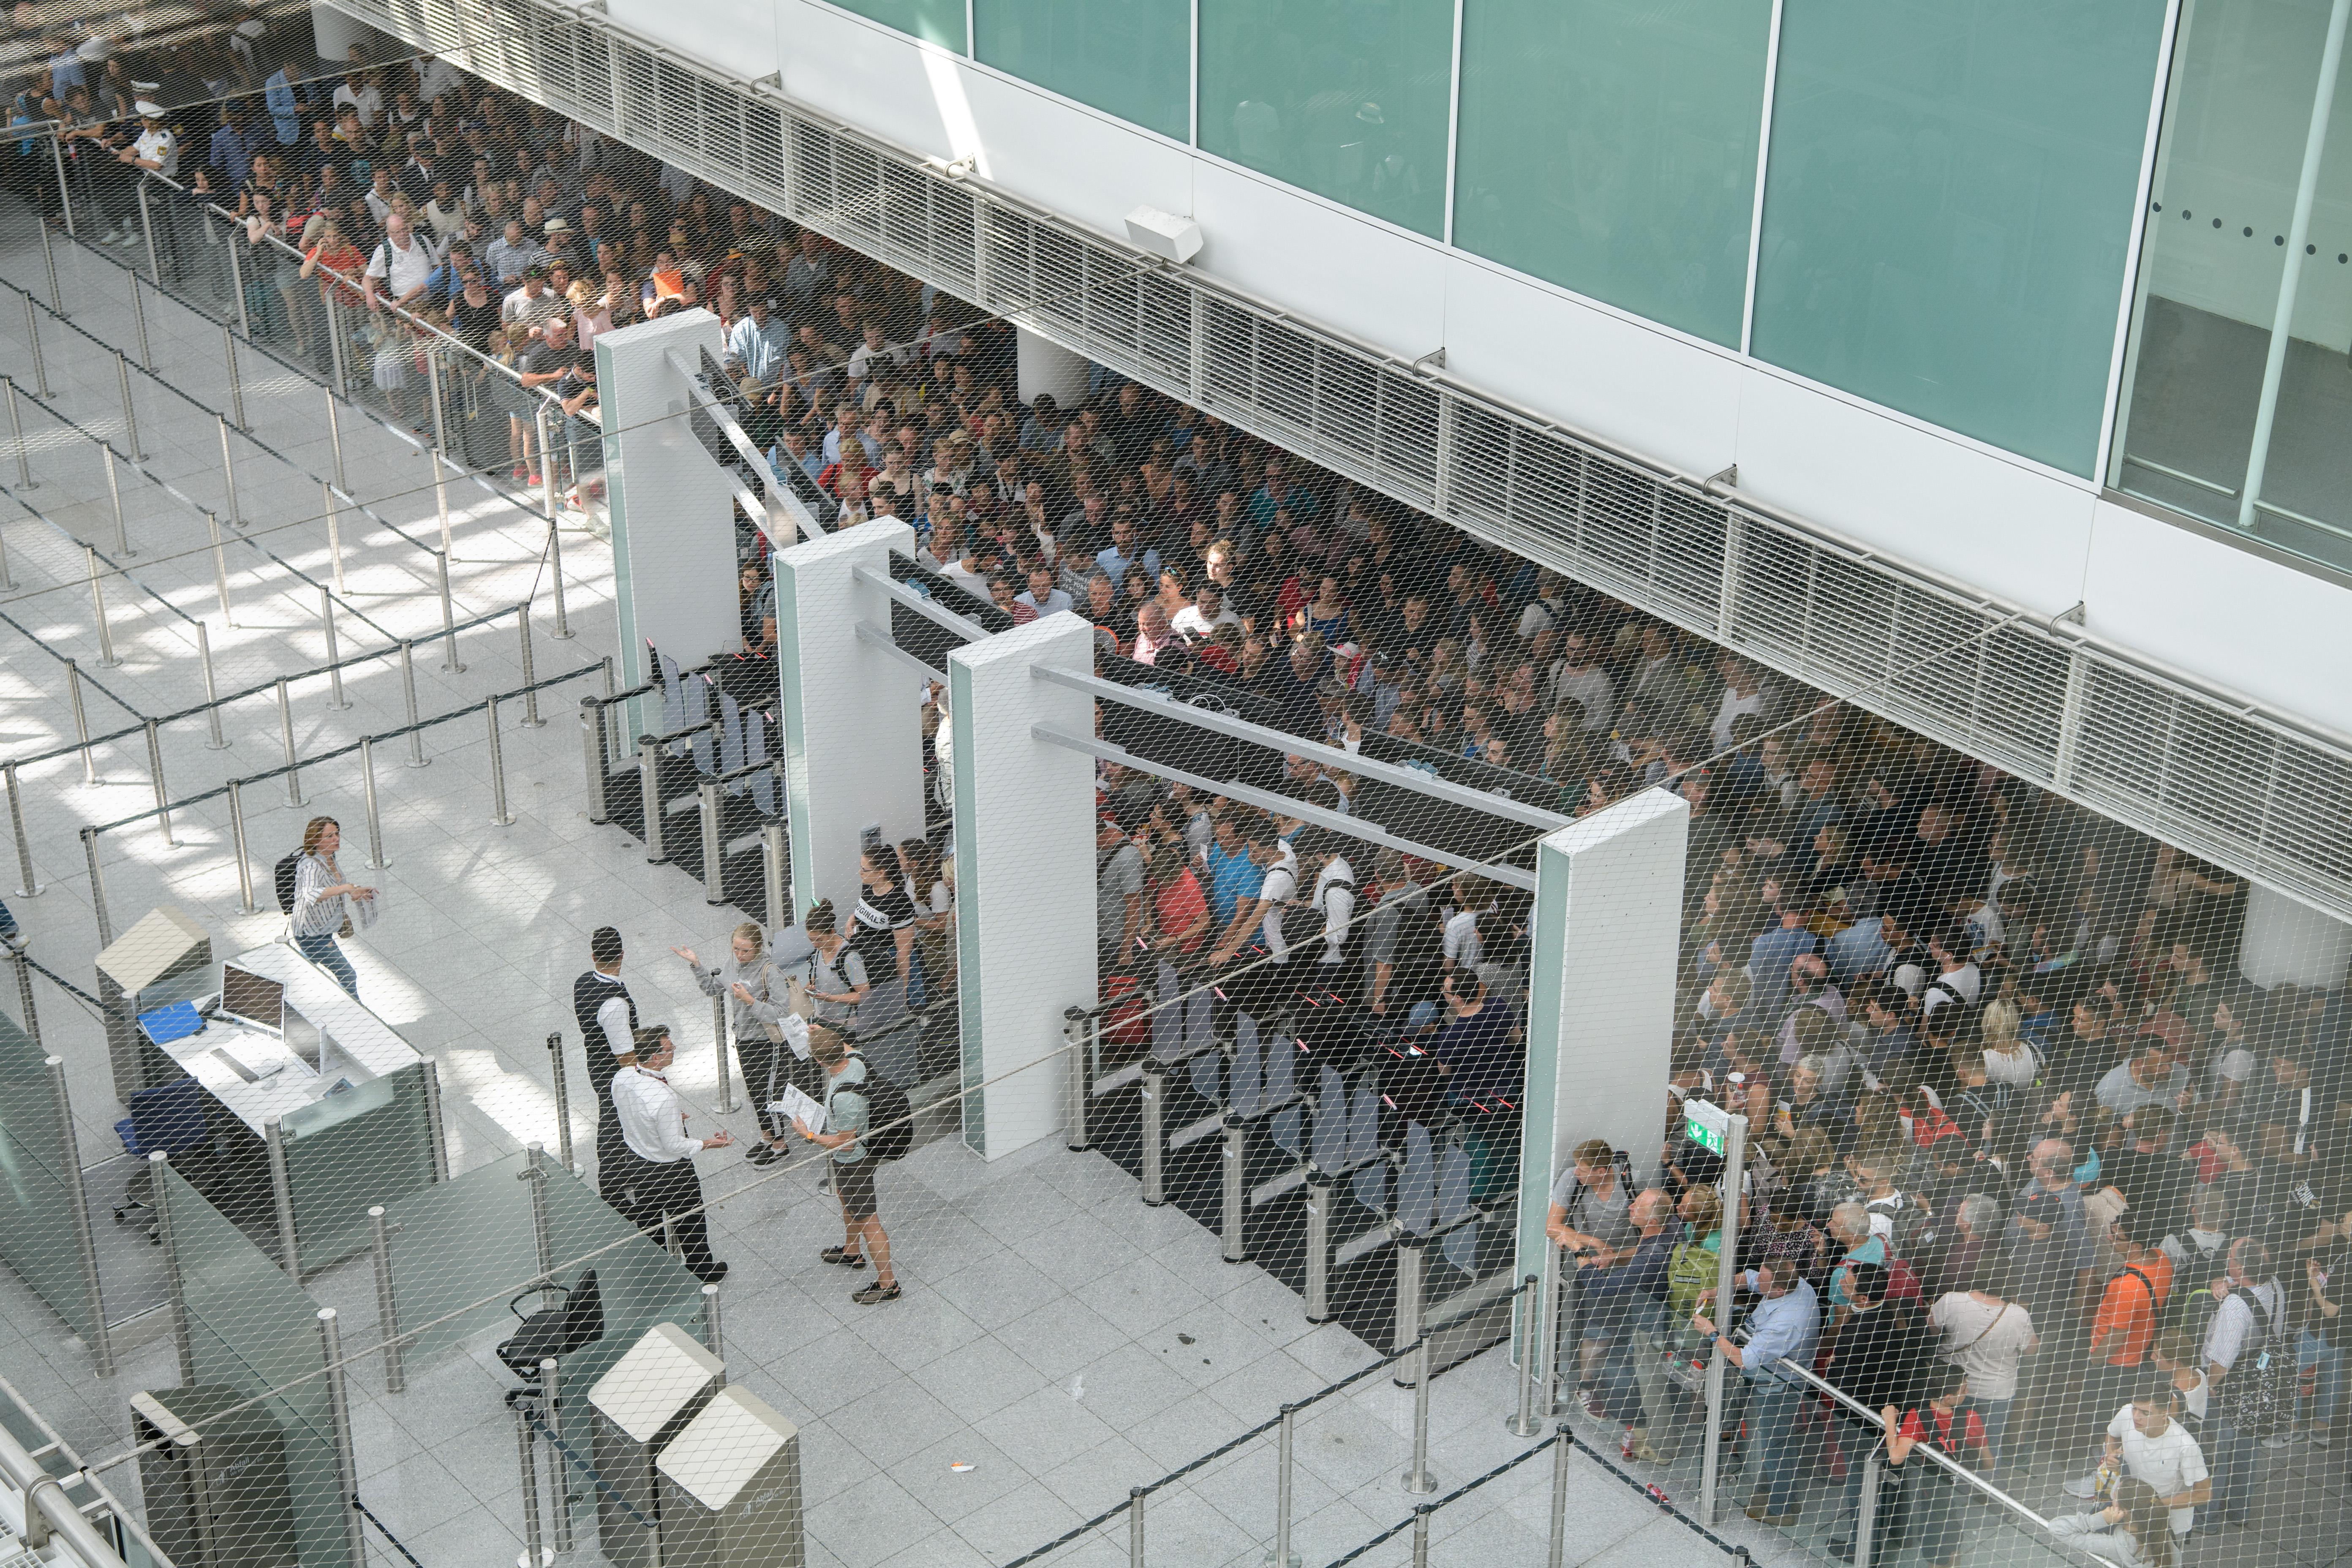 130 járatot töröltek a müncheni repülőtéren, miután egy spanyol utas ellenőrzés nélkül lépett be a tranzitterületre